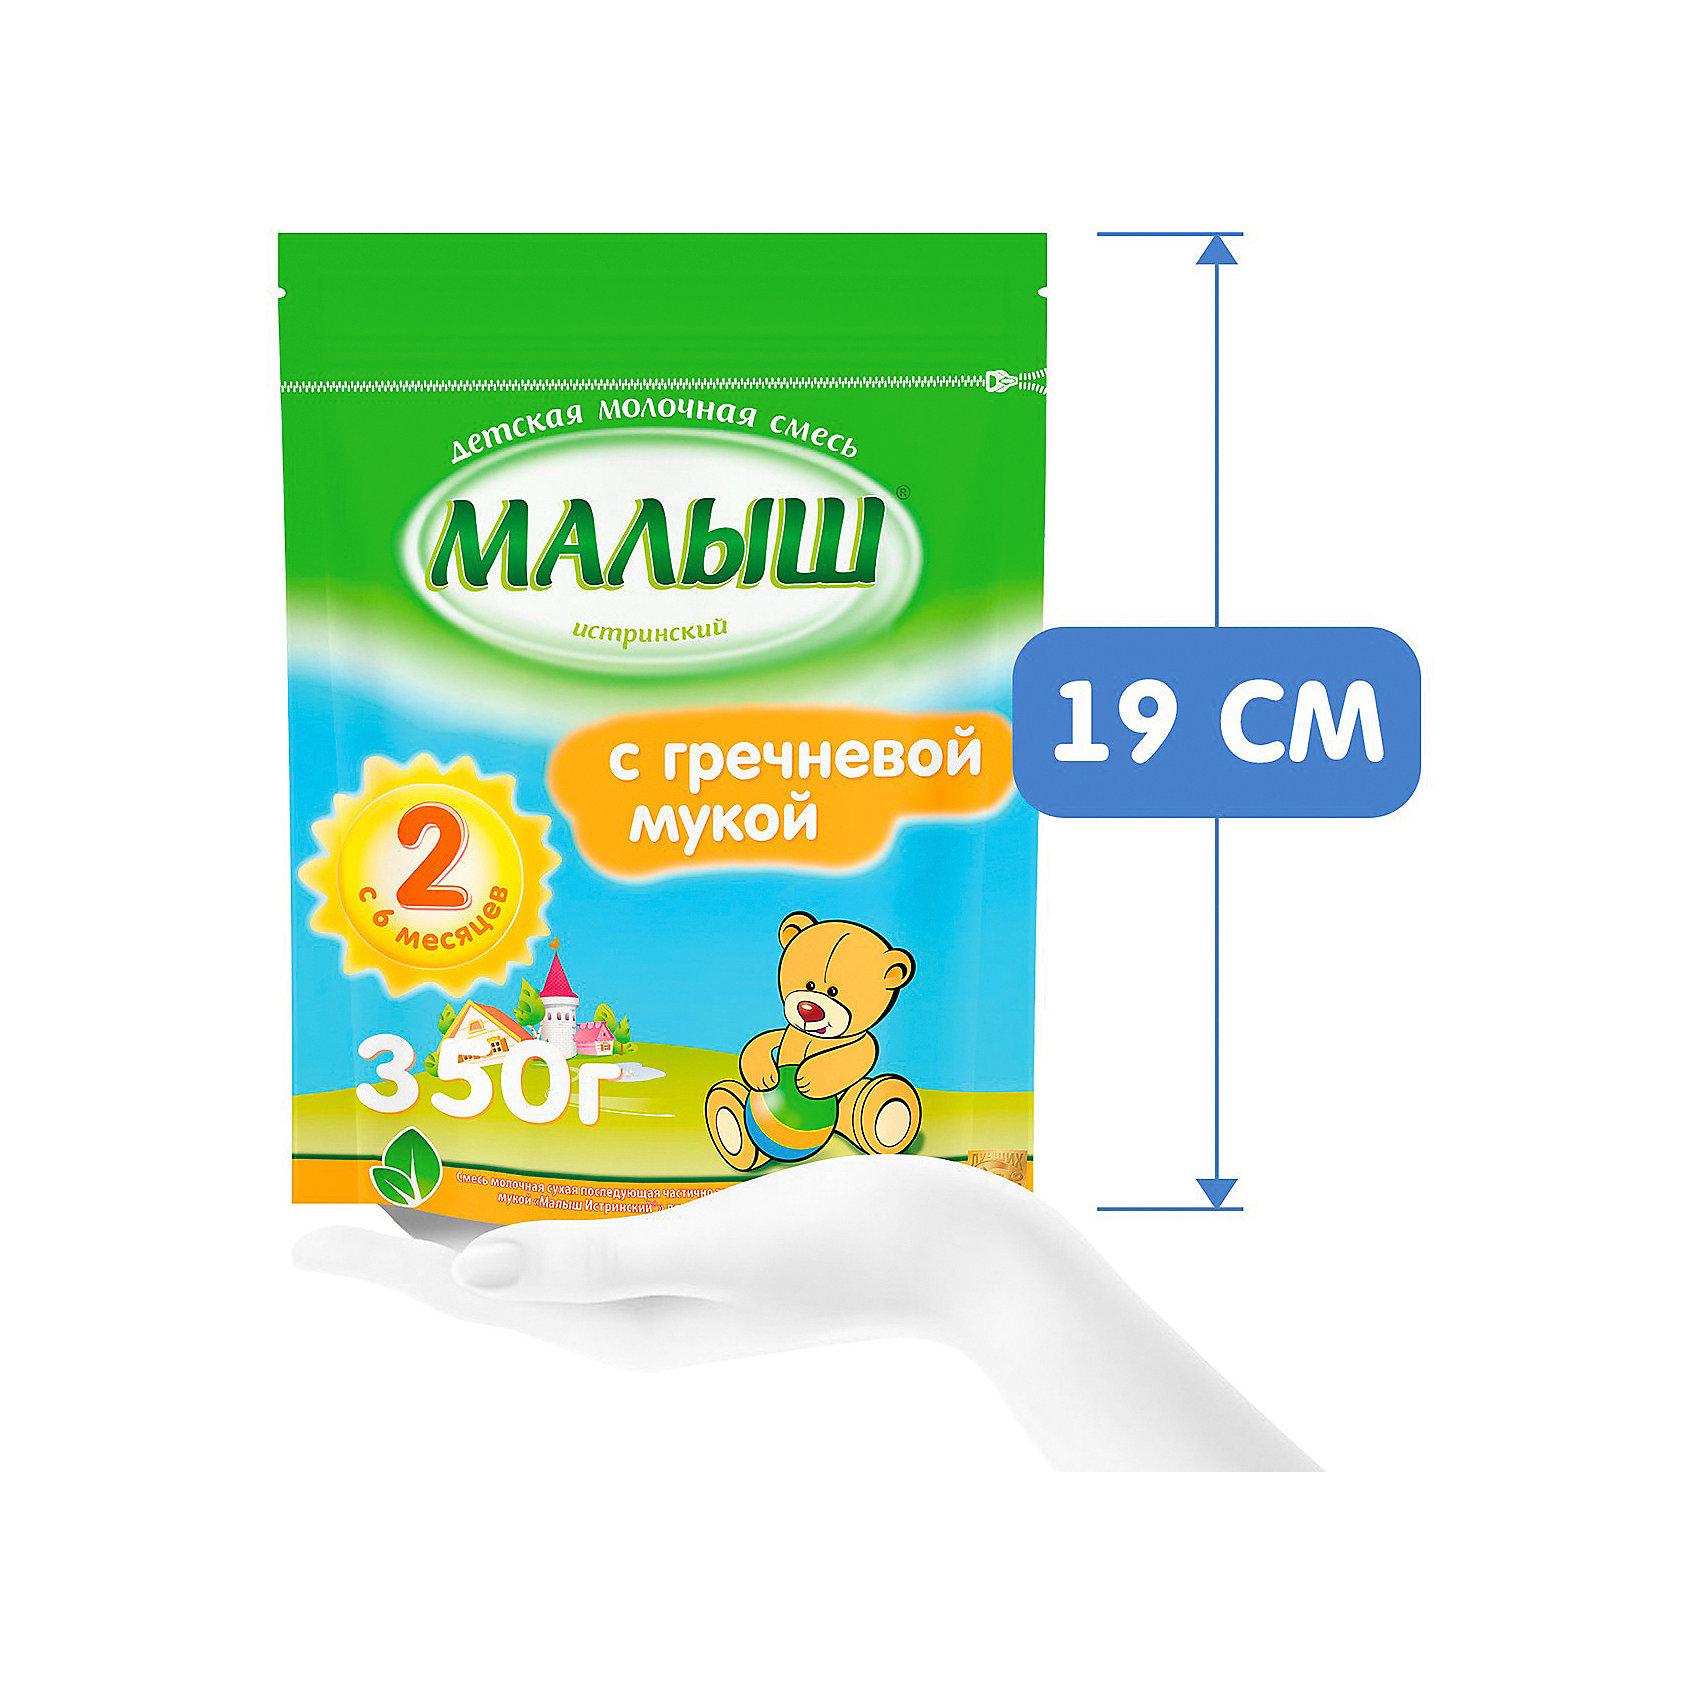 Молочная смесь для детей малыш истринский. обзор смесей «малыш истринский»: состав детского питания, виды и инструкция по применению